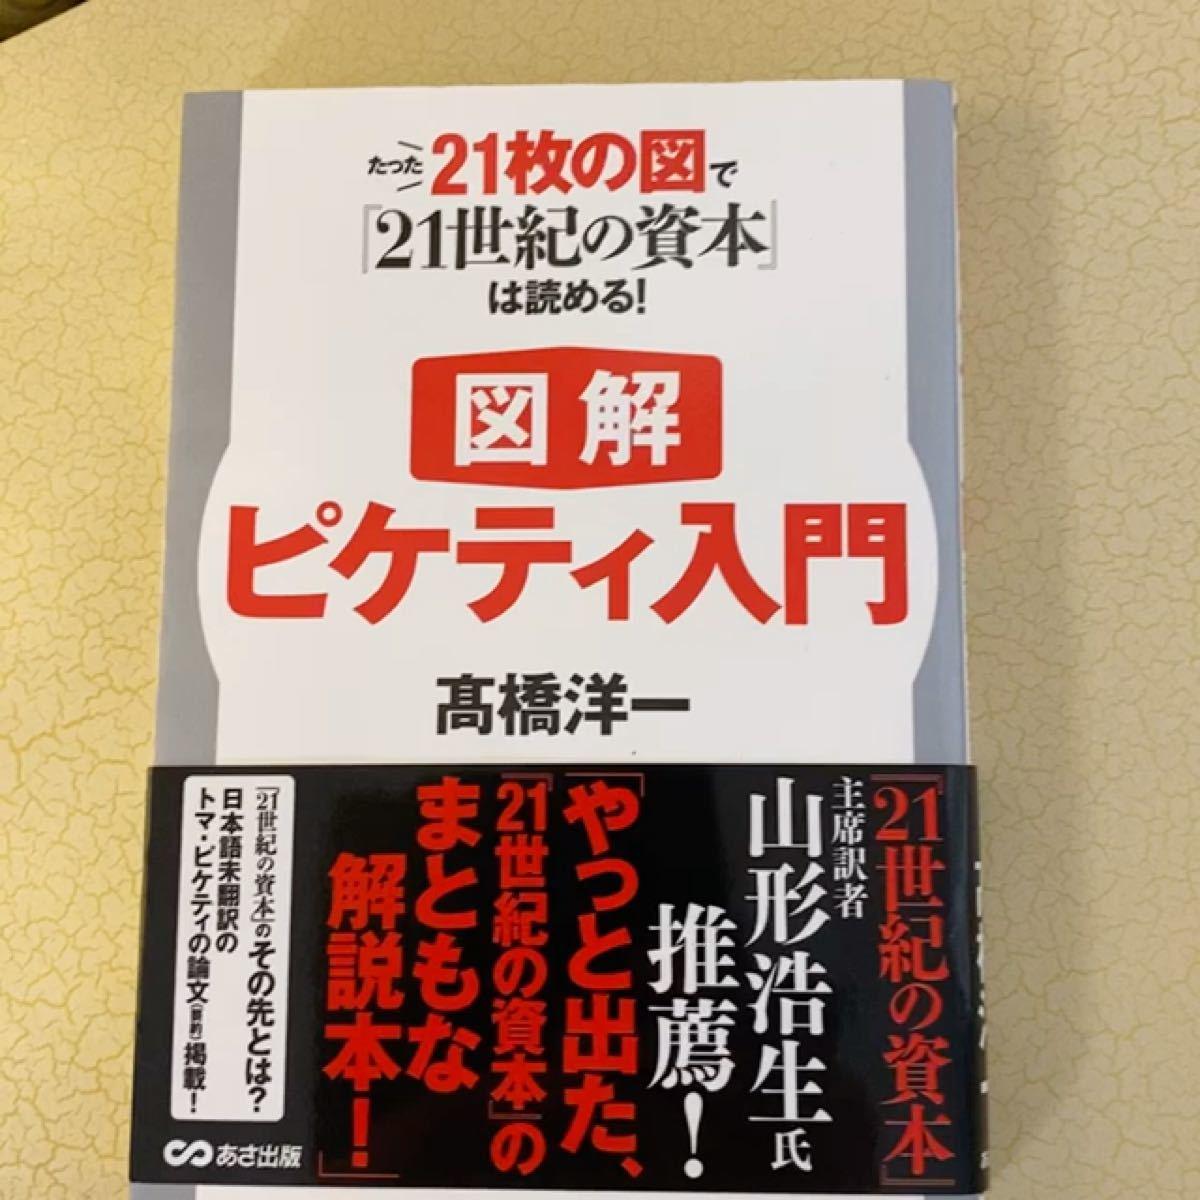 図解 ピケティ入門 たった21枚の図で 『21世紀の資本』 は読める! /高橋洋一 (著者)